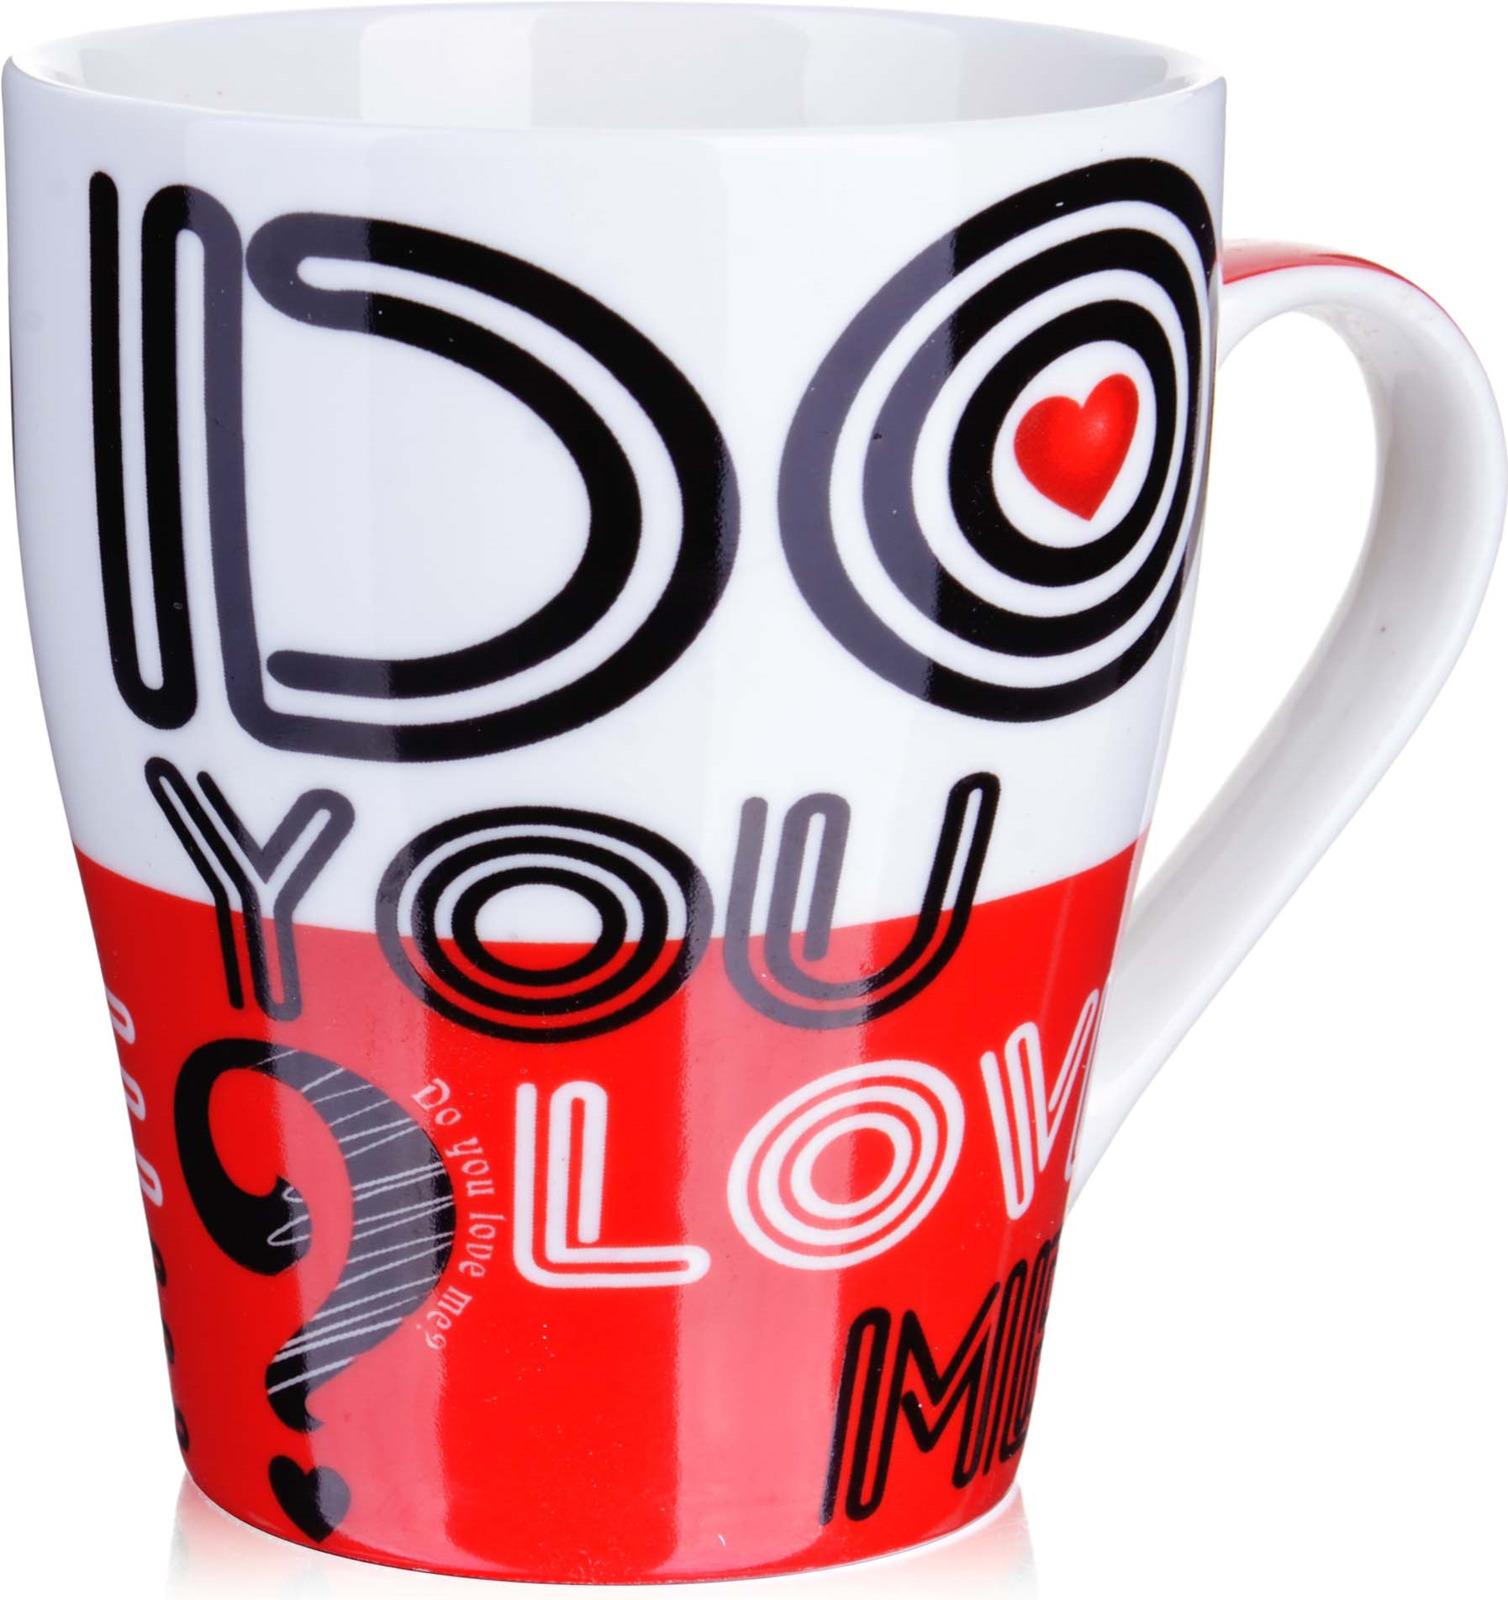 Кружка Loraine I Love You, цвет: белый, красный, черный, 340 мл. у3705 кружка loraine i love you цвет белый красный розовый 320 мл